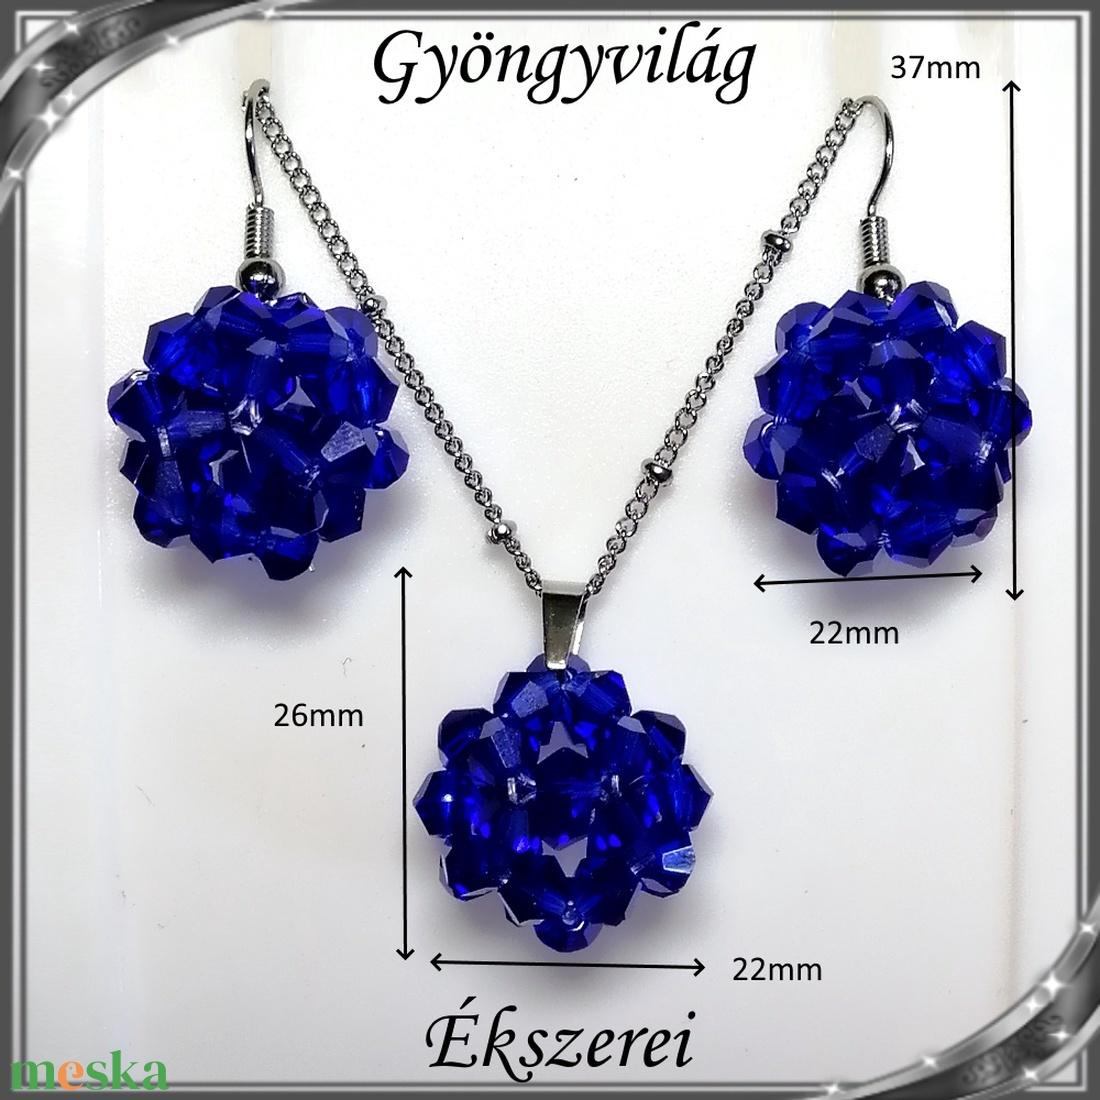 Ékszerek-szettek: kristály ékszer szett SSZNA-KGY01-09 dark blue - ékszer - ékszerszett - Meska.hu